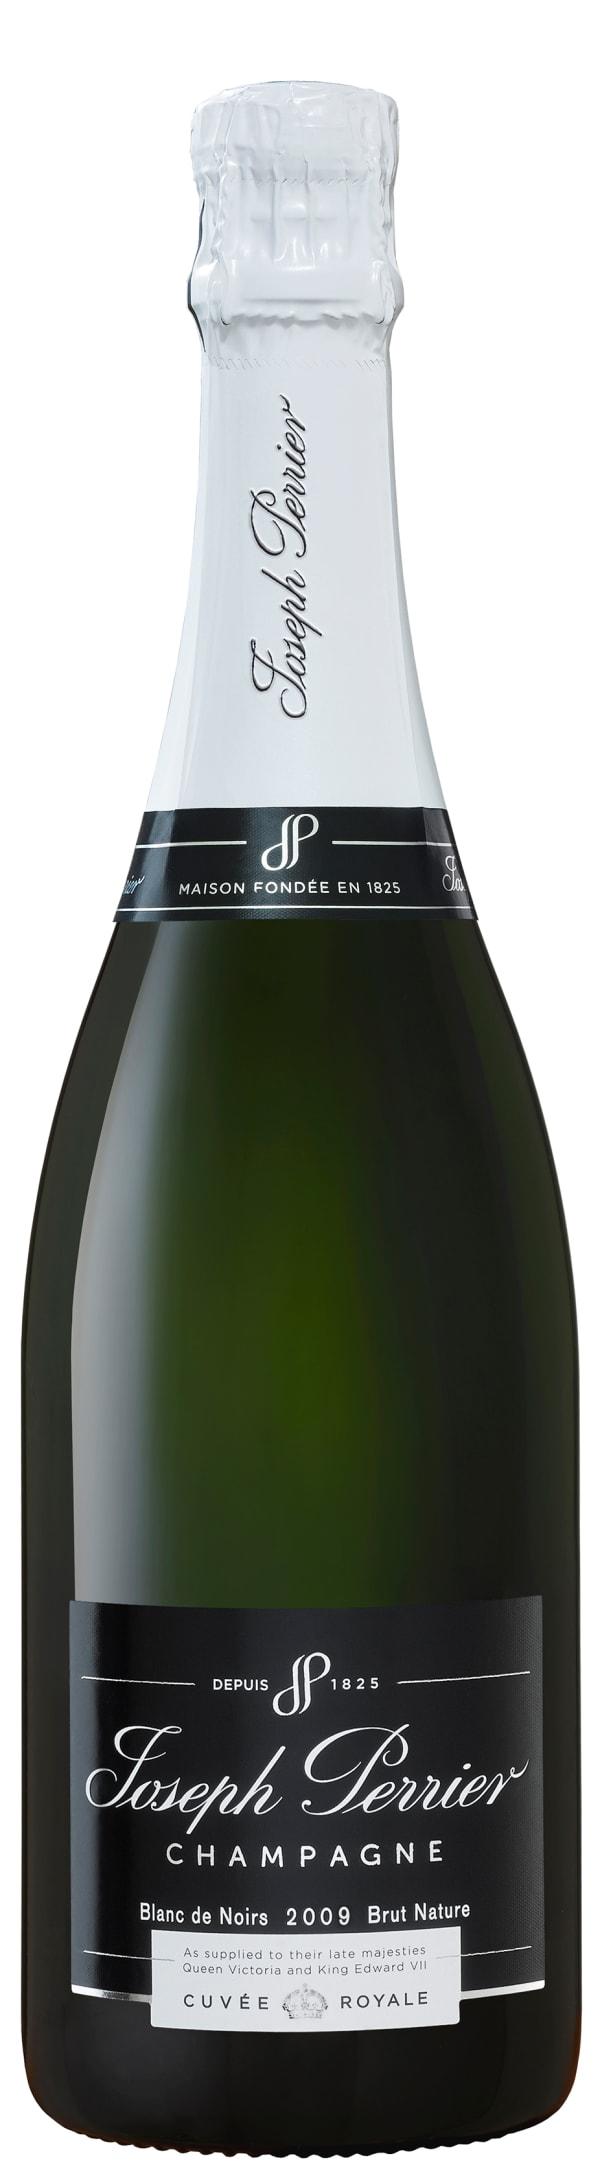 Joseph Perrier Cuvée Royale Blanc de Noirs Champagne Brut Nature 2009